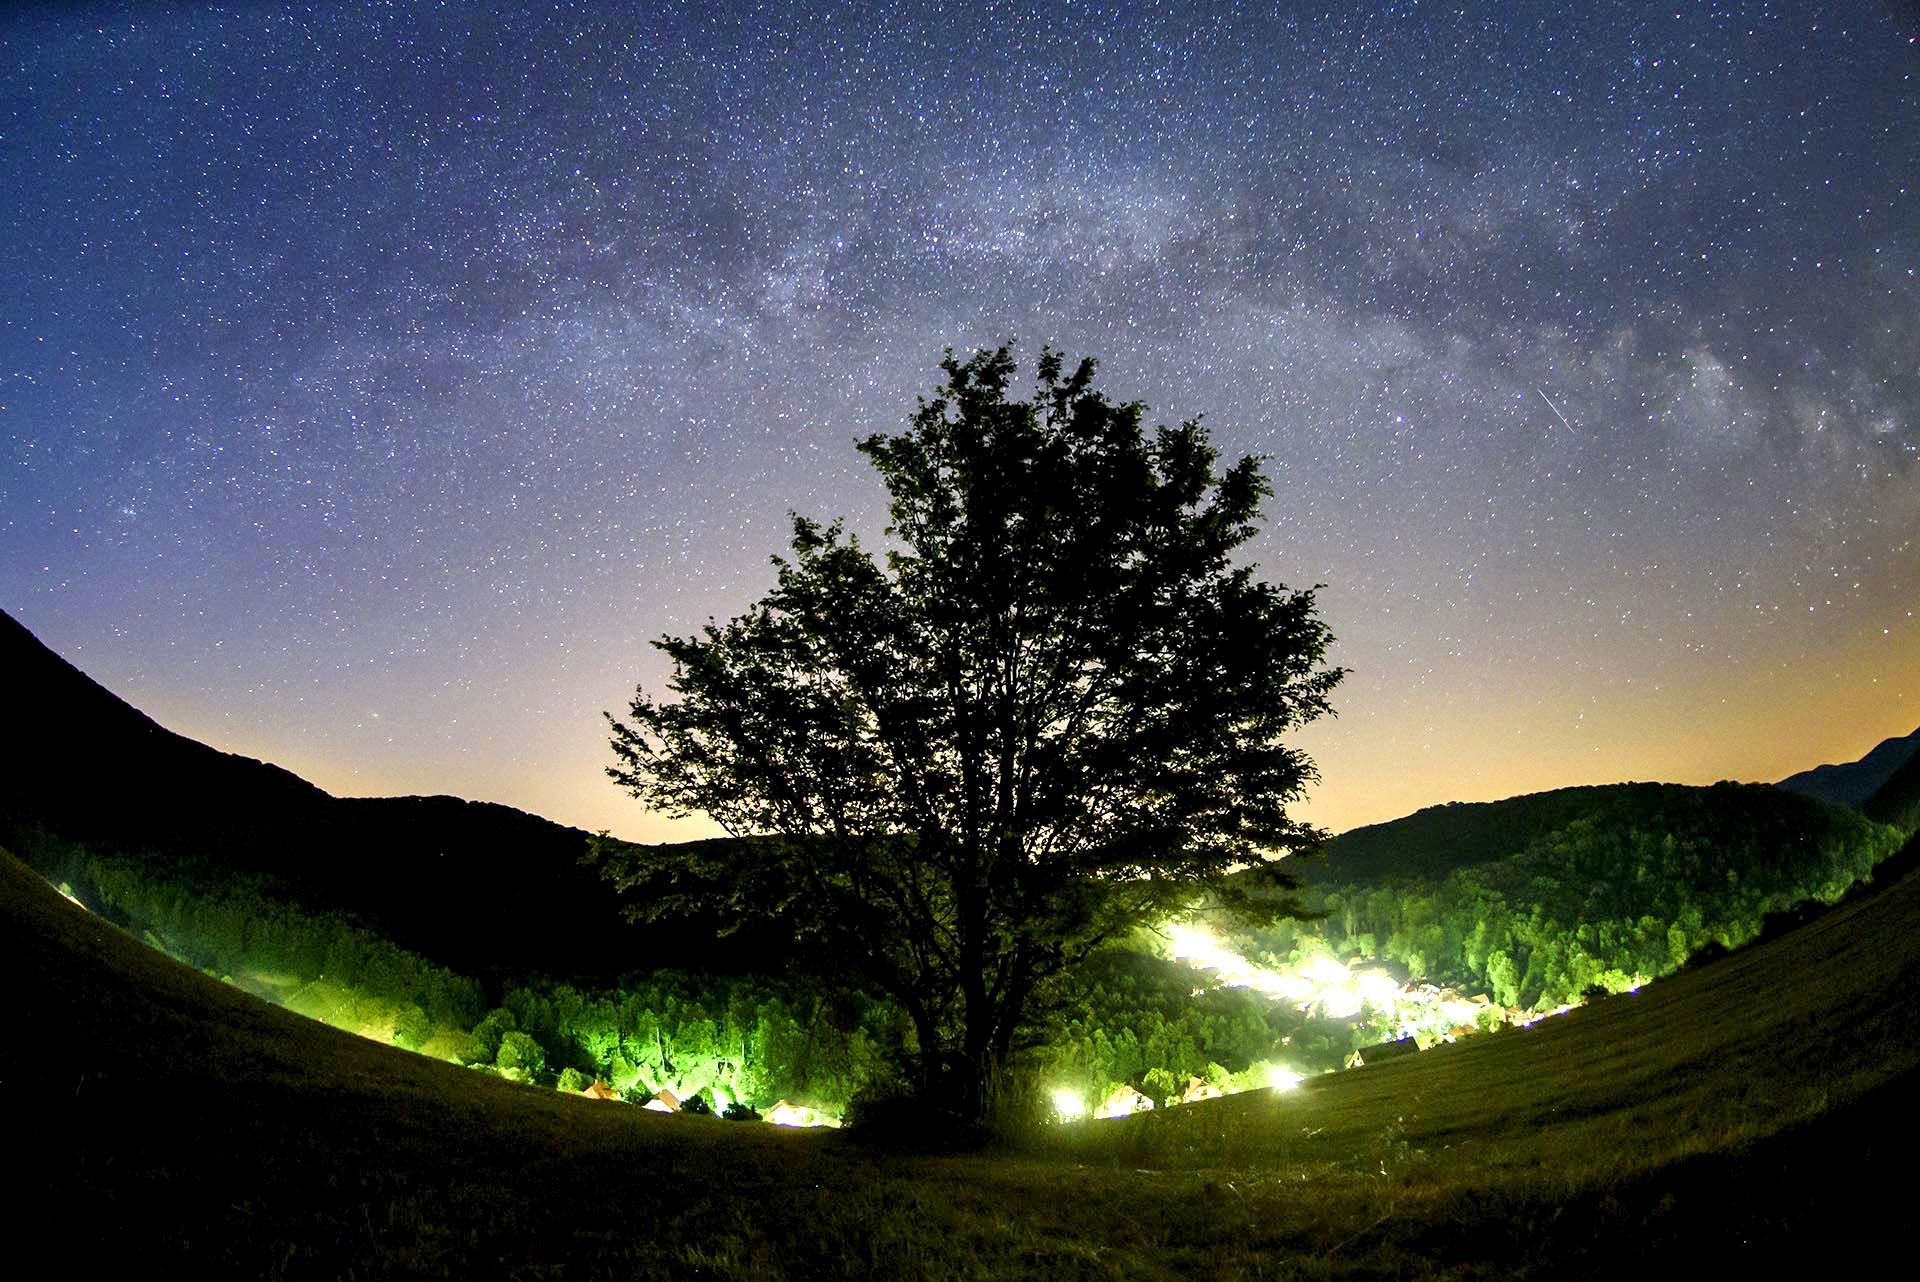 El cielo estrellado en una noche de verano en Repashuta, unos 170 kms al noreste de Budapest, Hungría